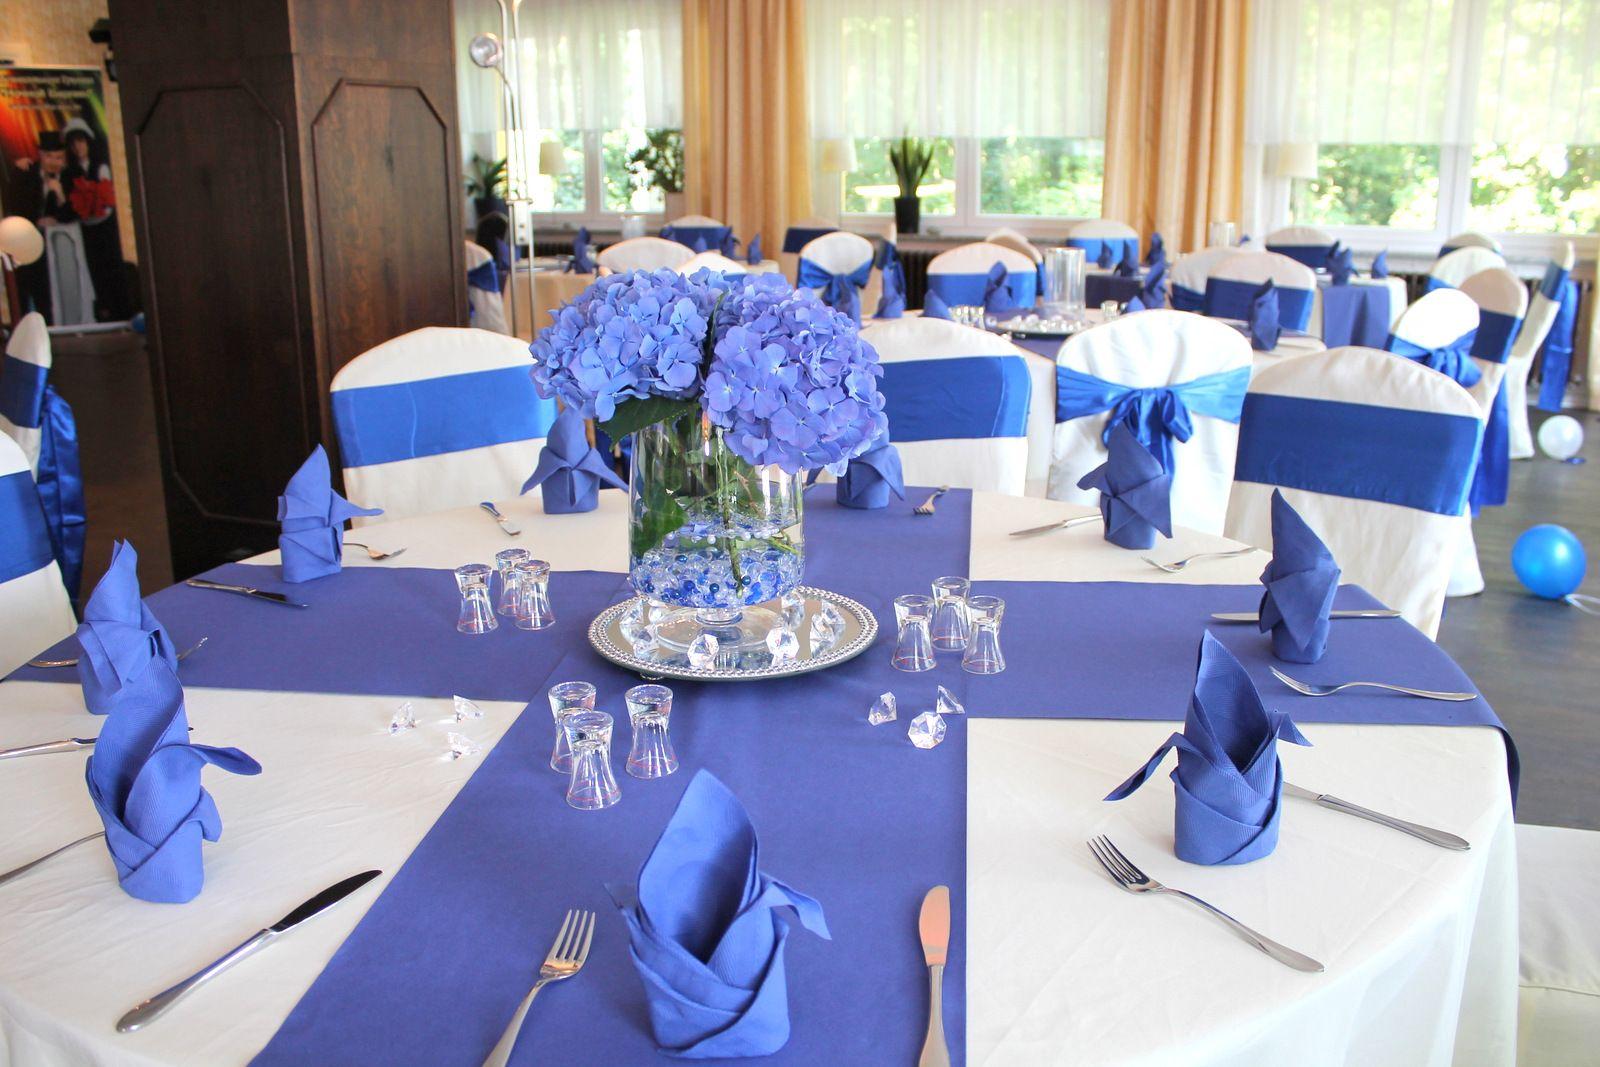 Seeschloss Am Botzsee Hochzeit In Konigsblau Hochzeit In Konigsblau Hochzeit Am See Romantische Hochzeiten